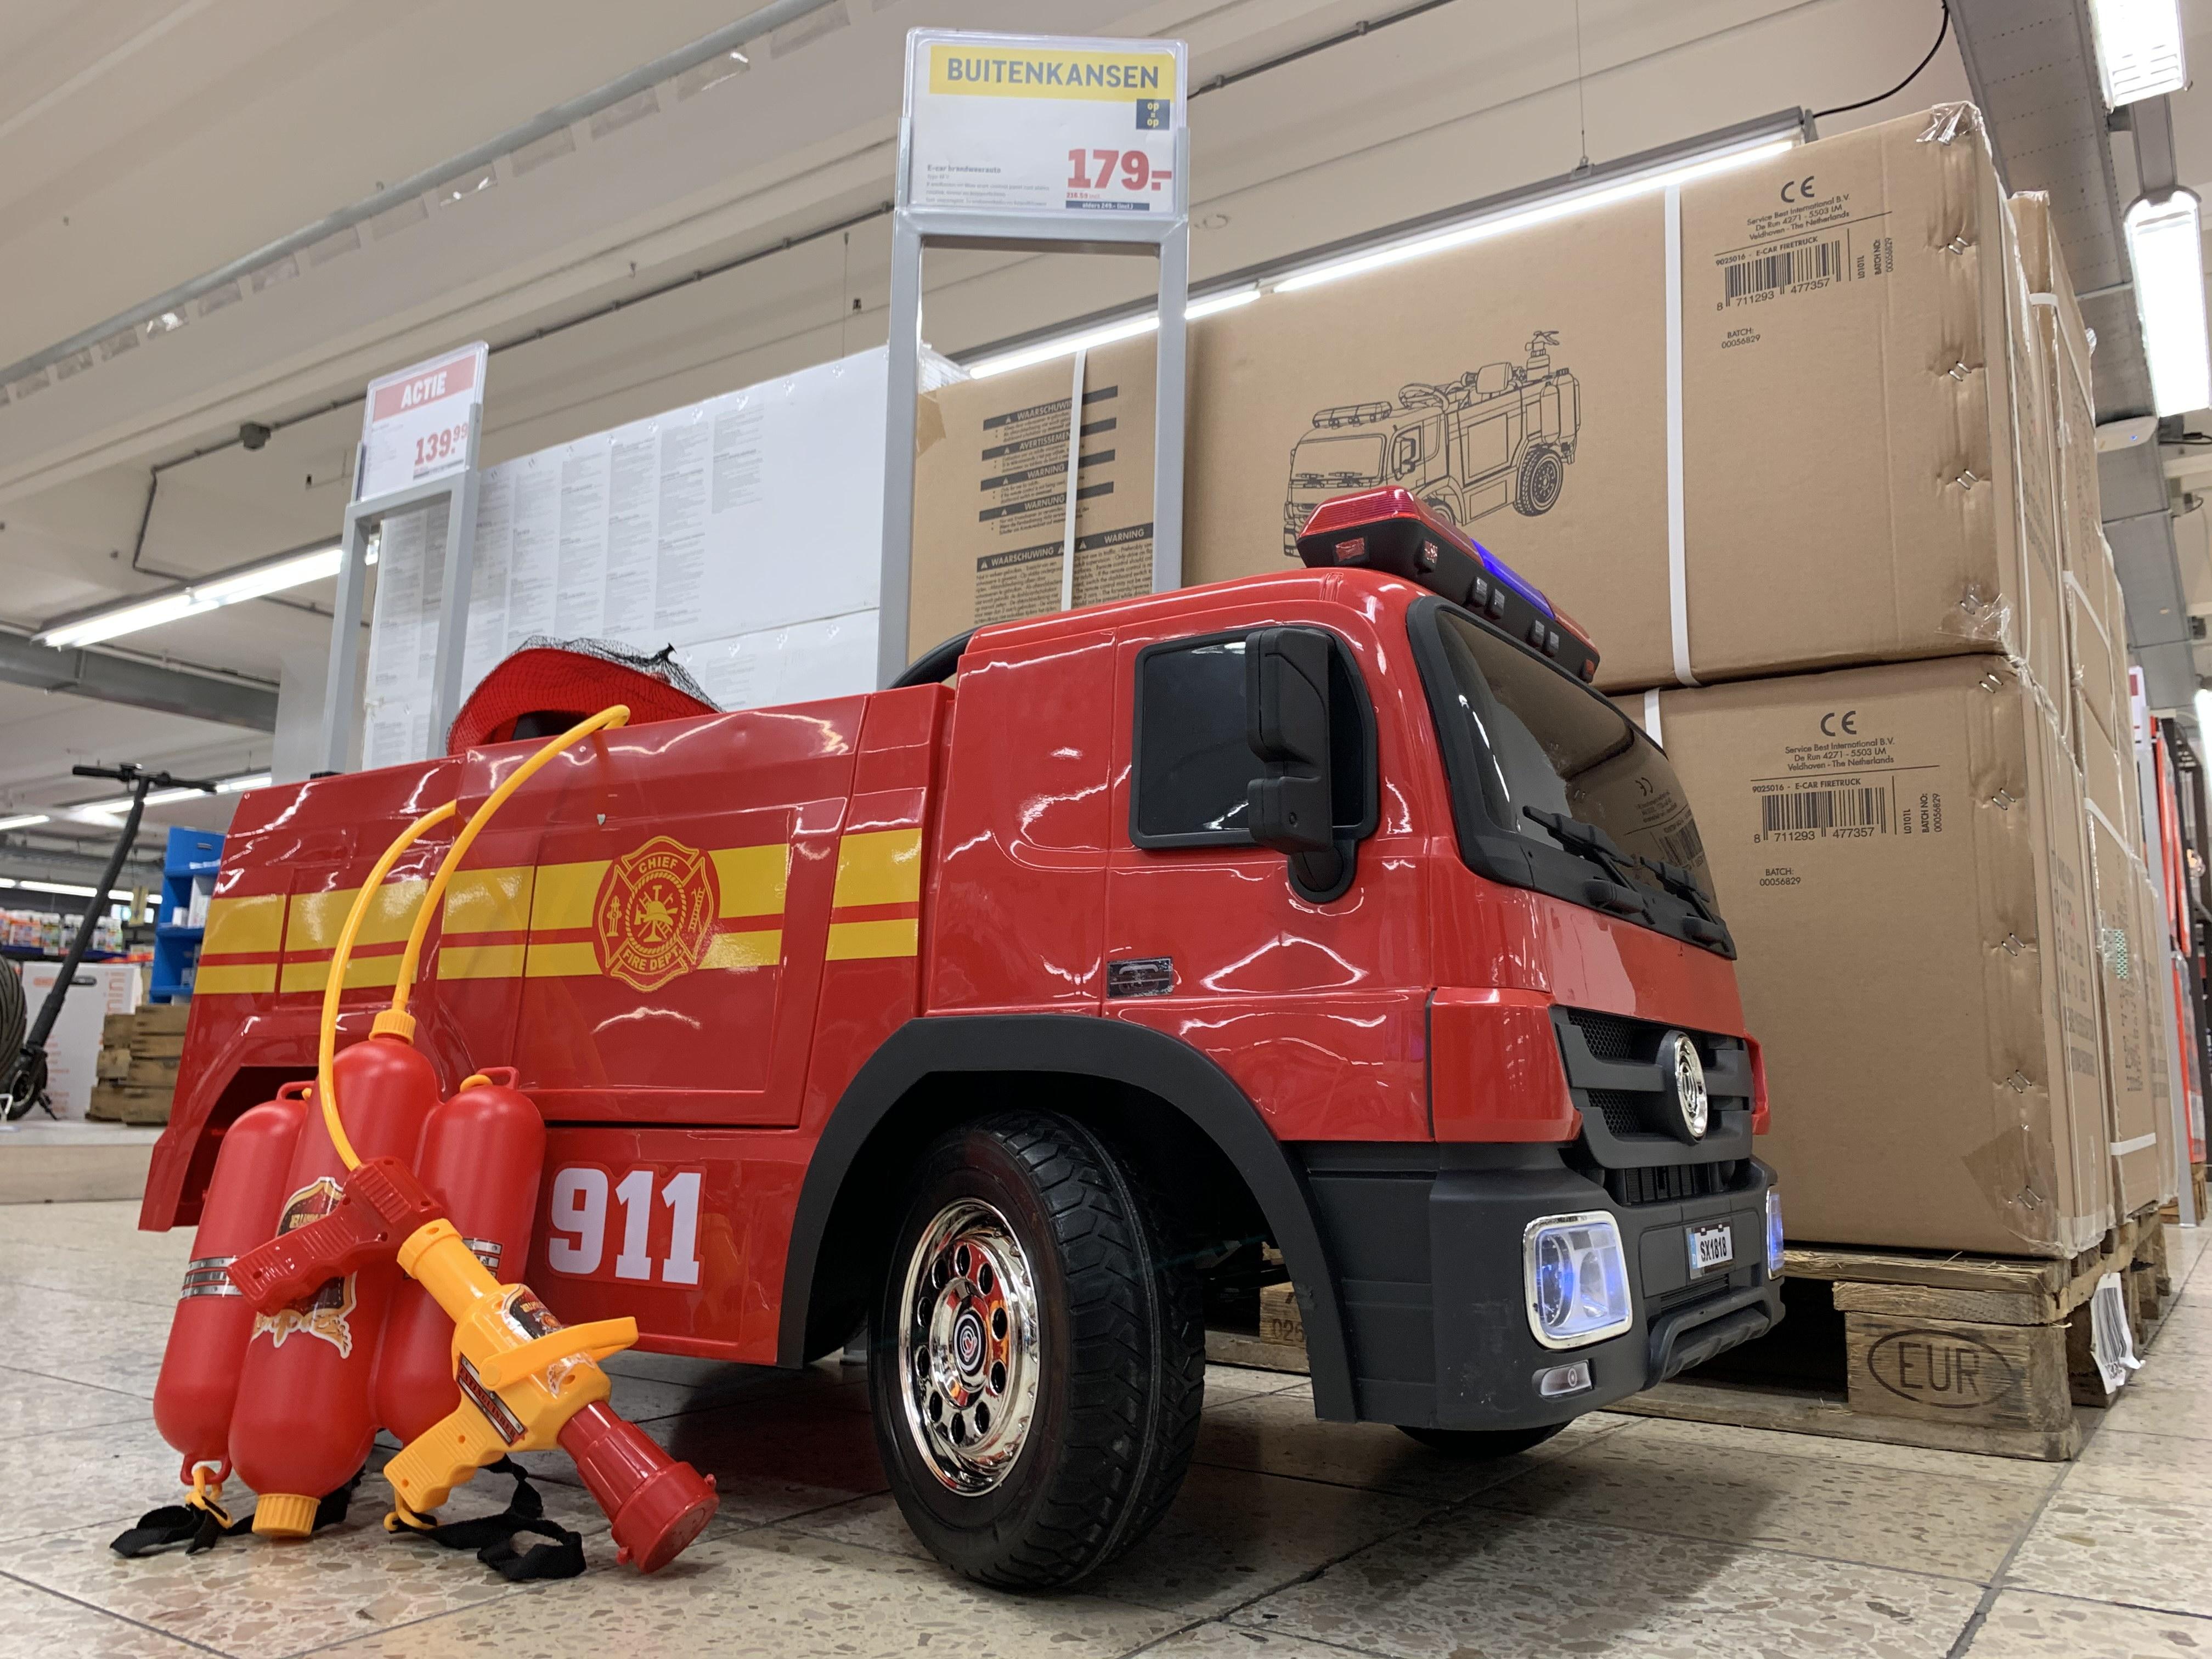 Elektrische brandweerauto bij Makro voor 179,- excl BTW